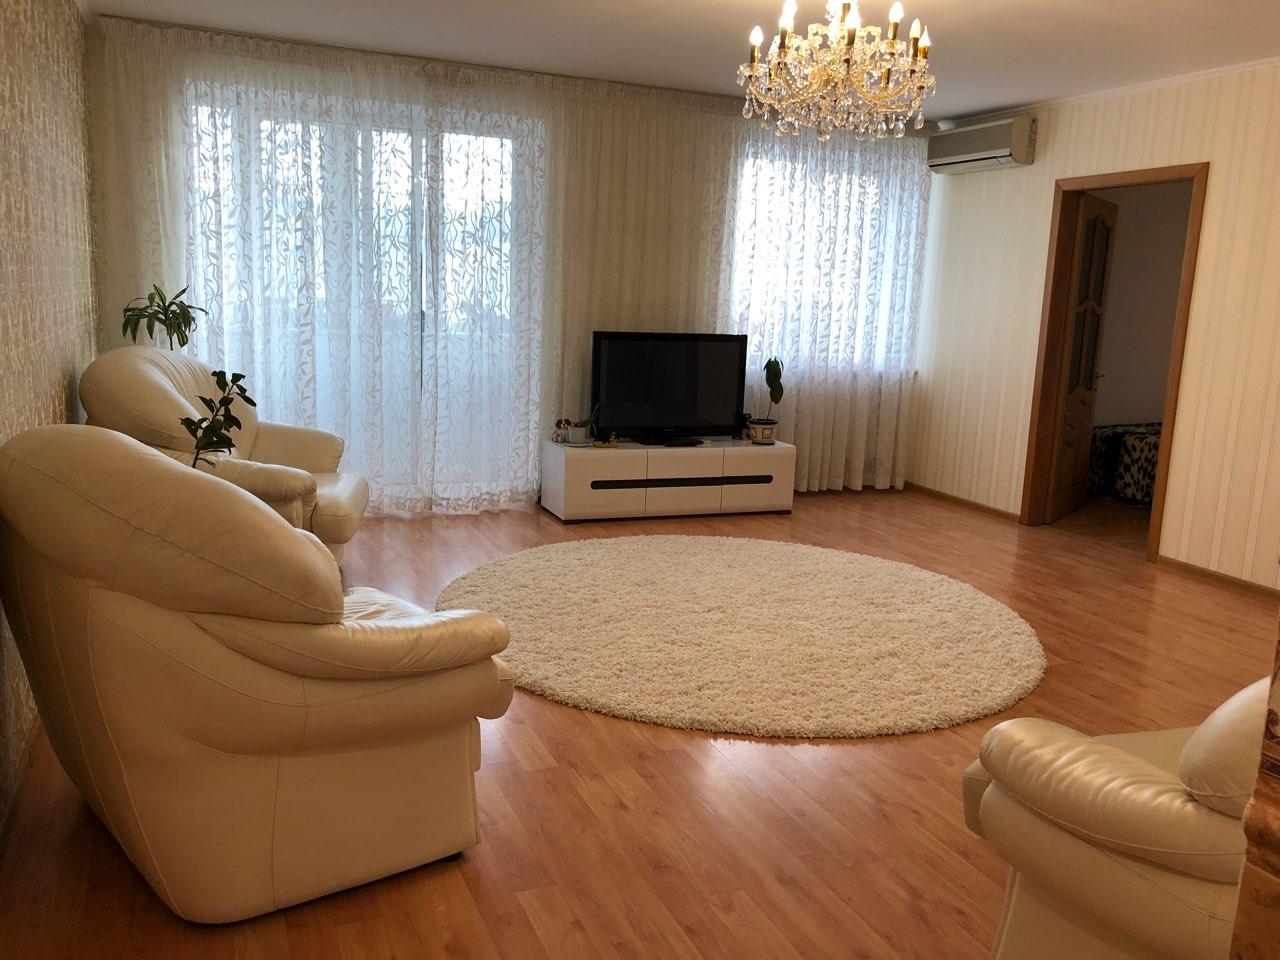 Продается 4-комнатная Квартира на ул. Екатерининская — 95 000 у.е. (фото №4)